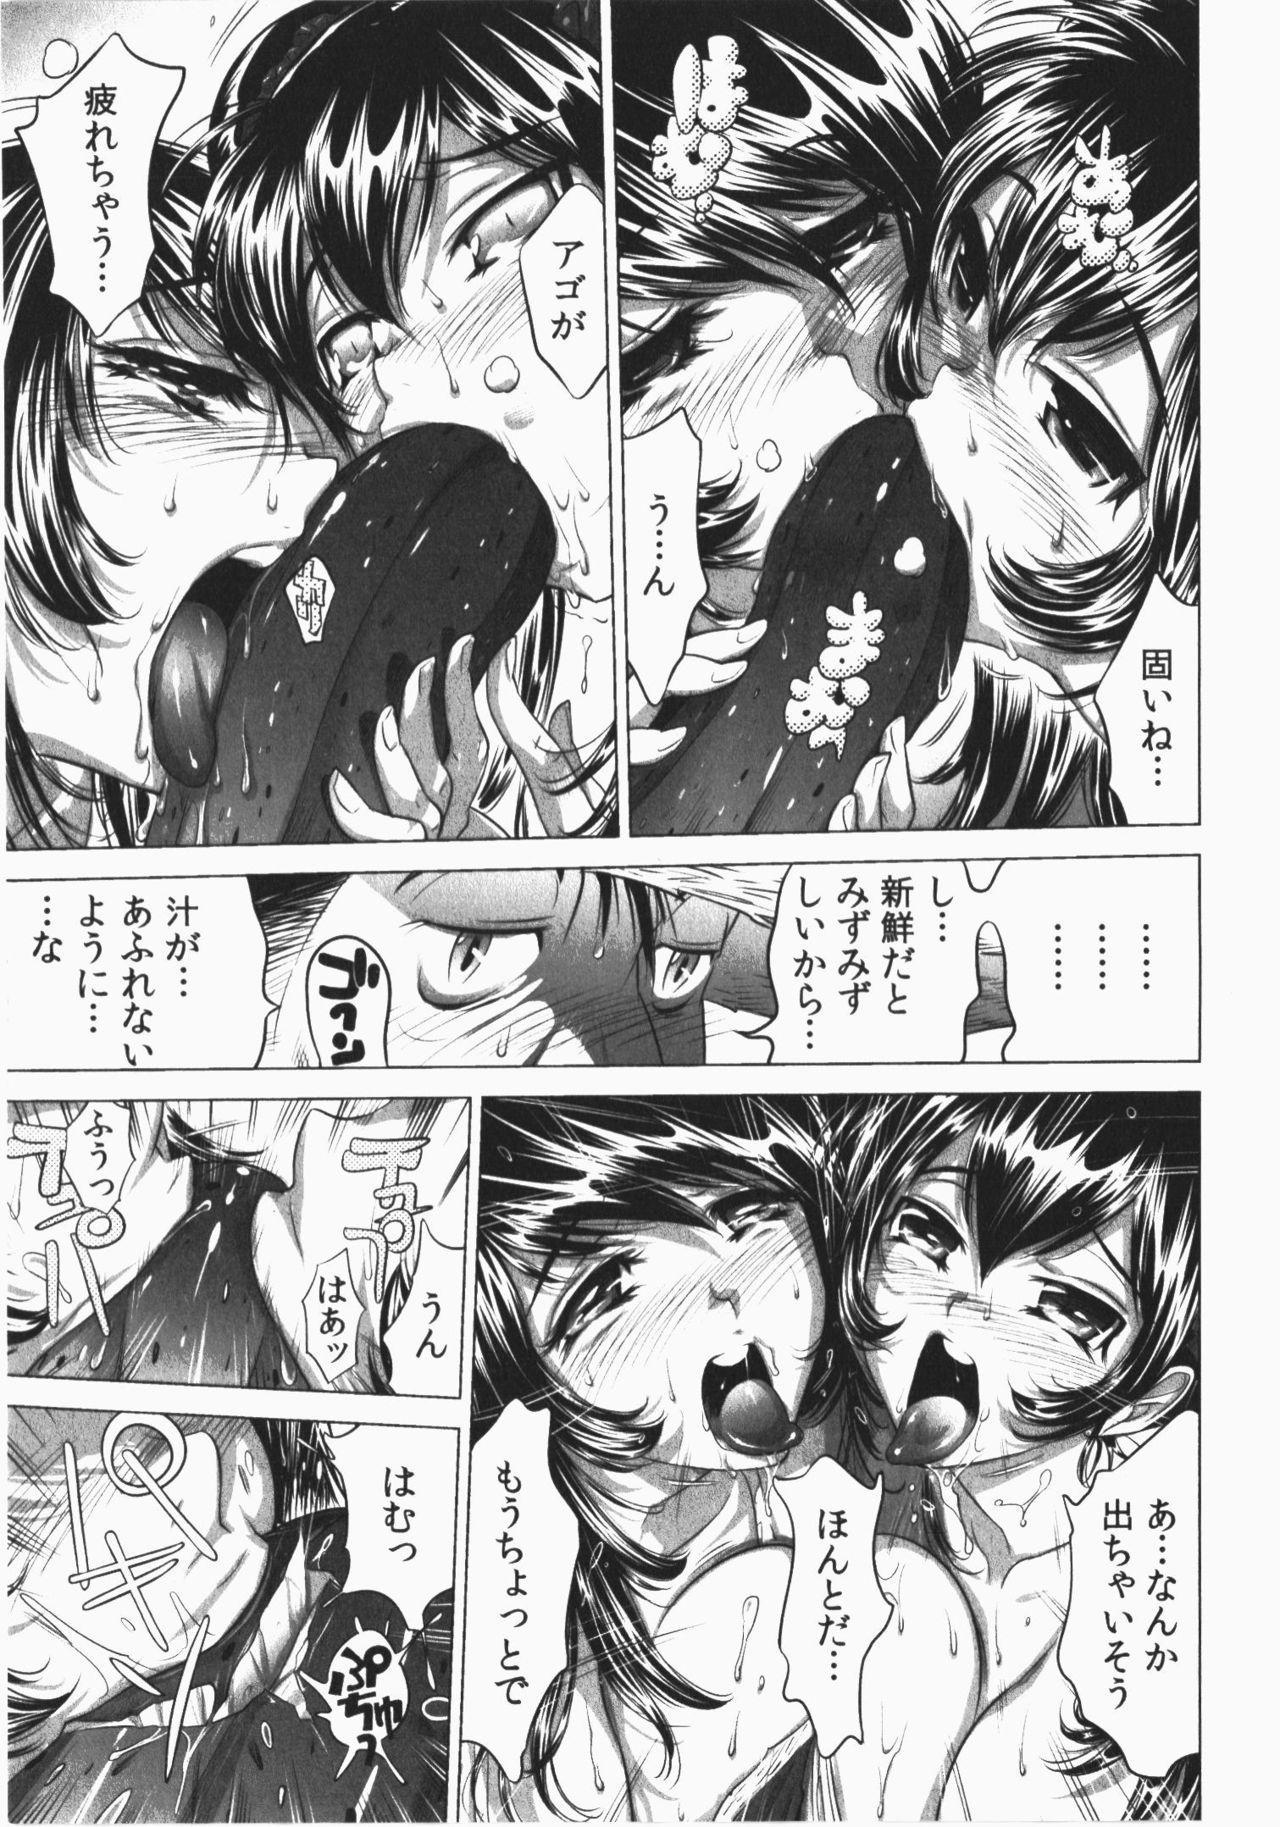 Ukkari Haicchatta! Itoko to Micchaku Game Chuu 138